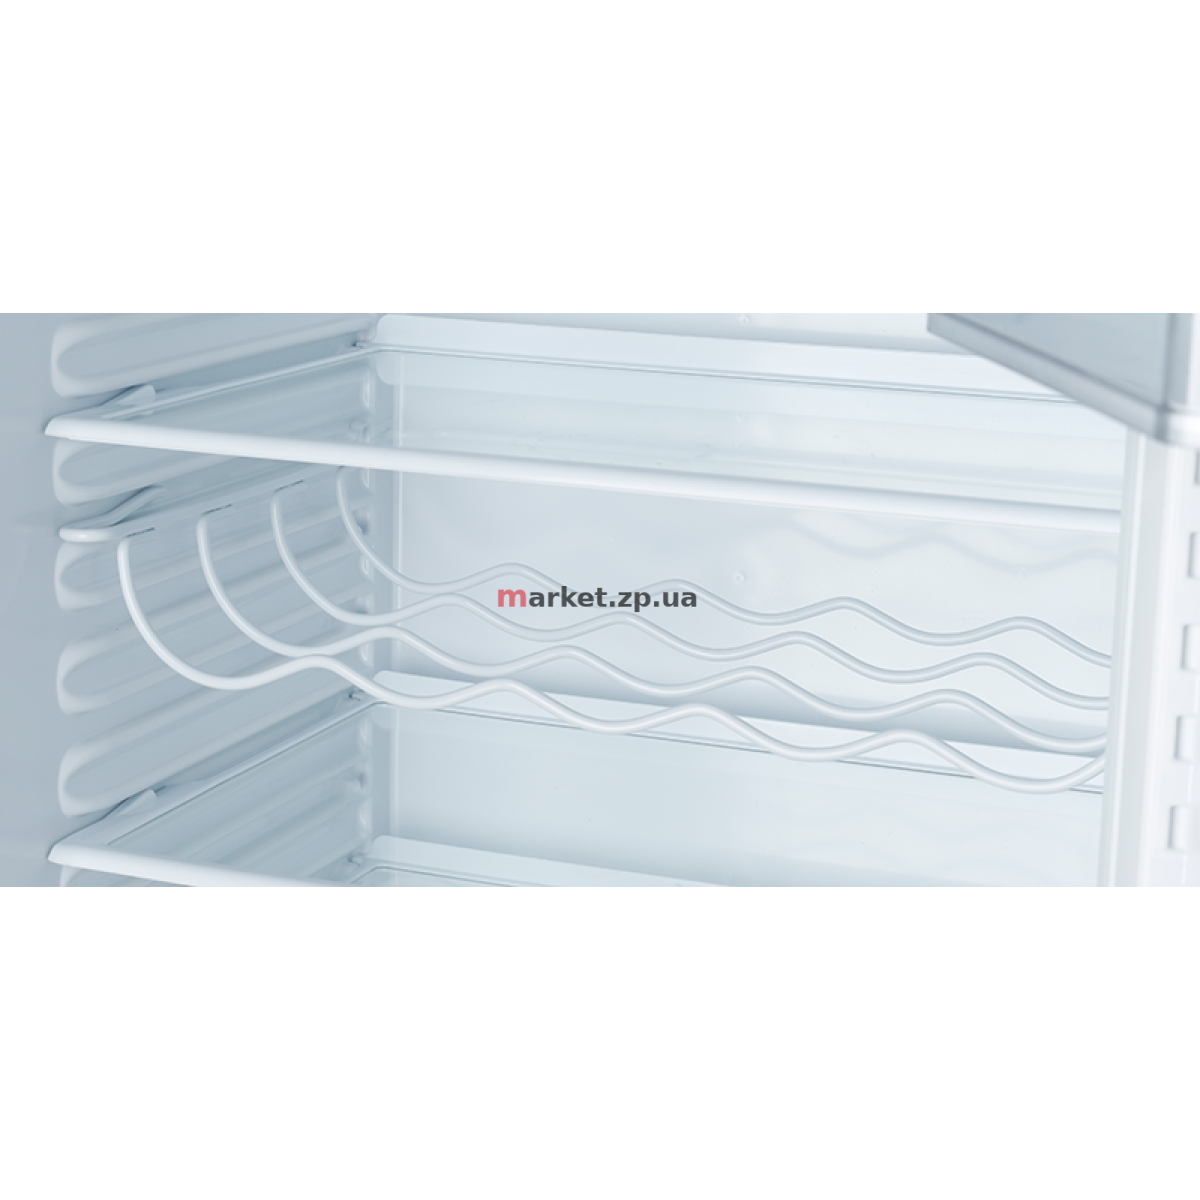 Холодильник ATLANT XM-6026-582